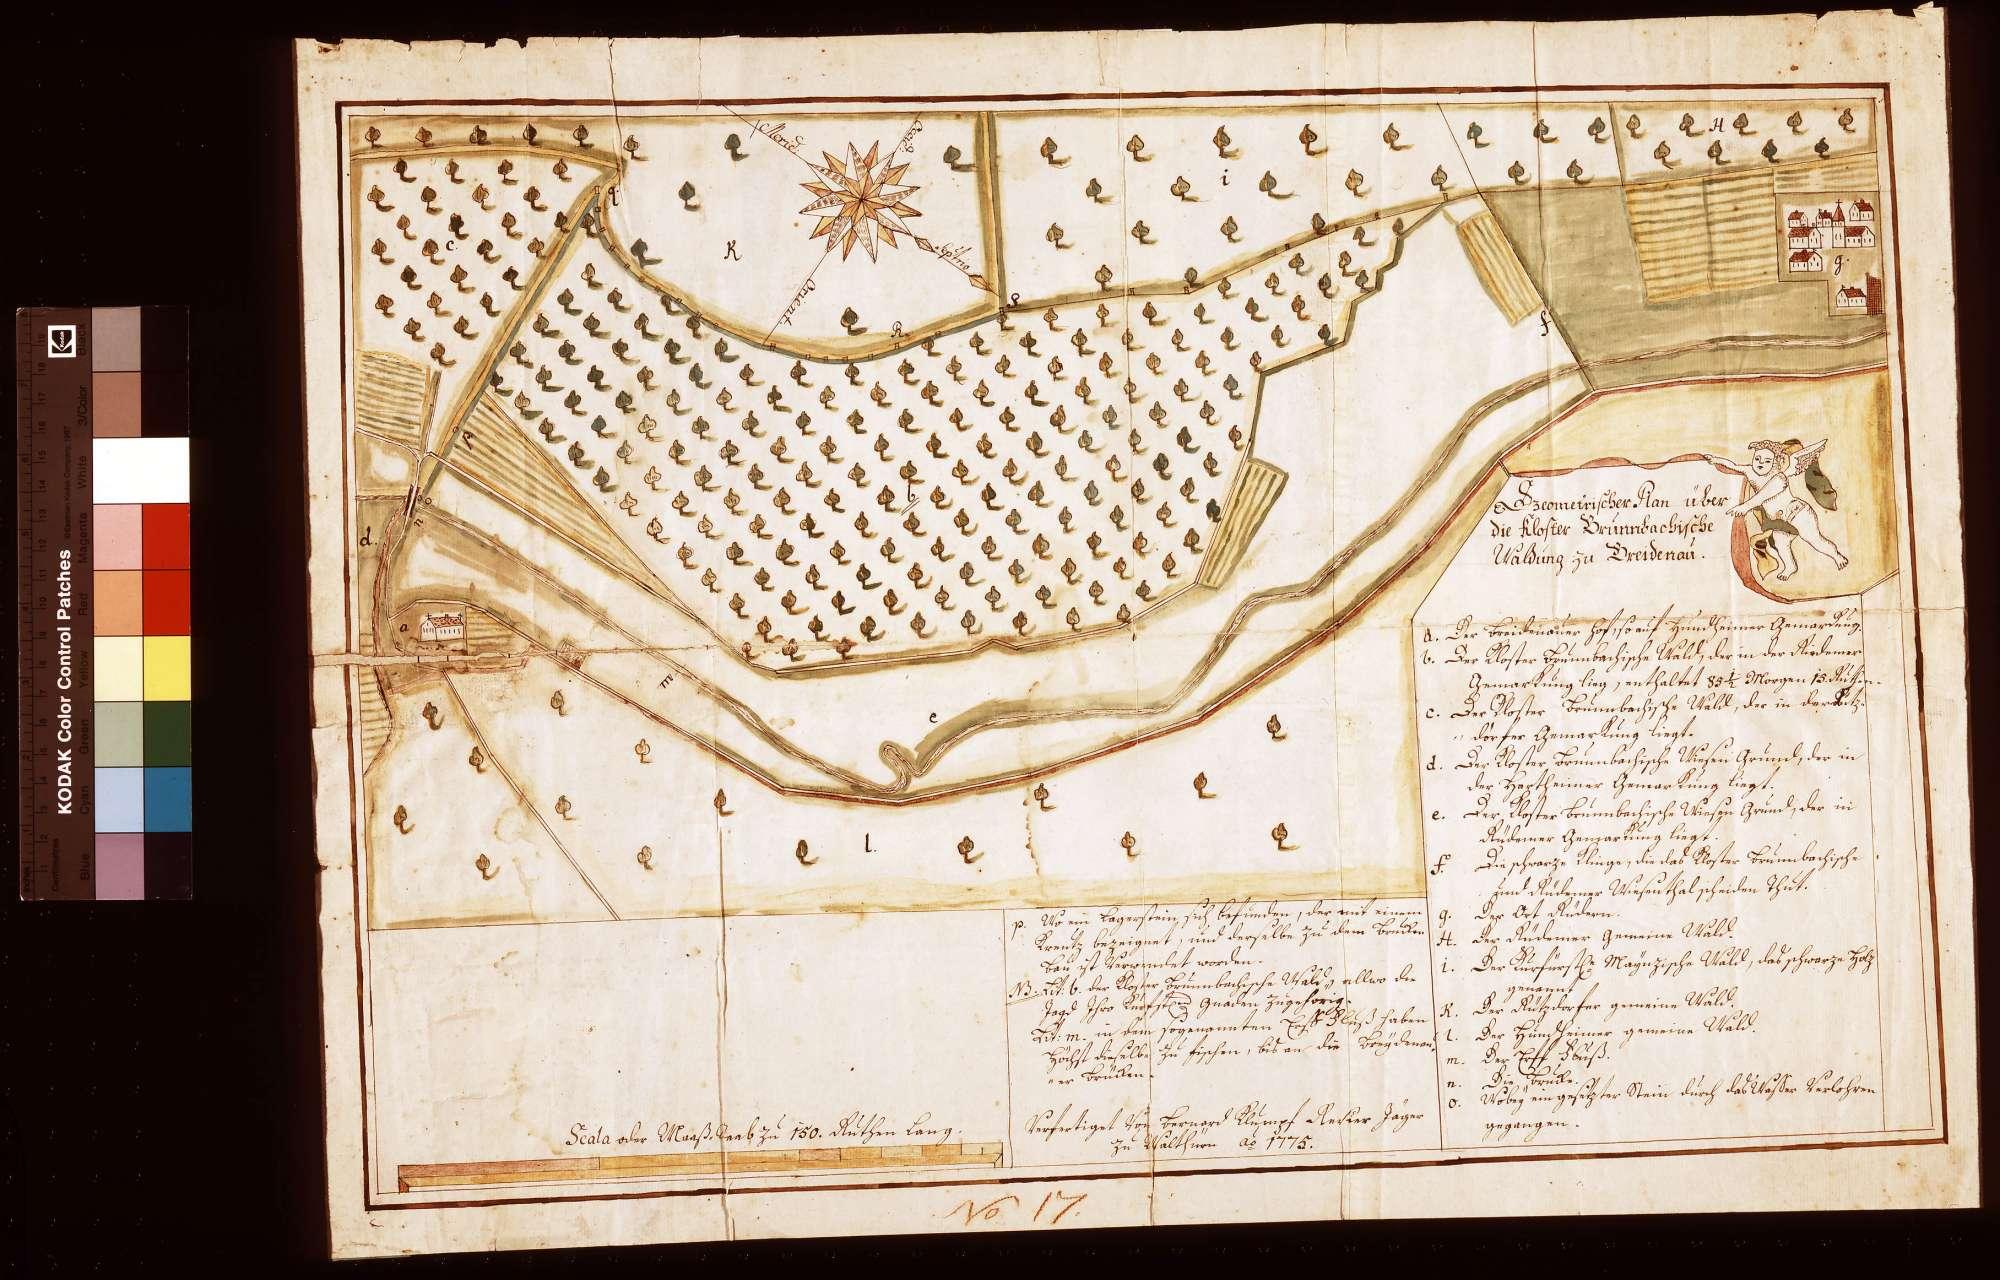 Geometrischer Plan über die bronnbachische Waldung zu Breitenau, Bild 1